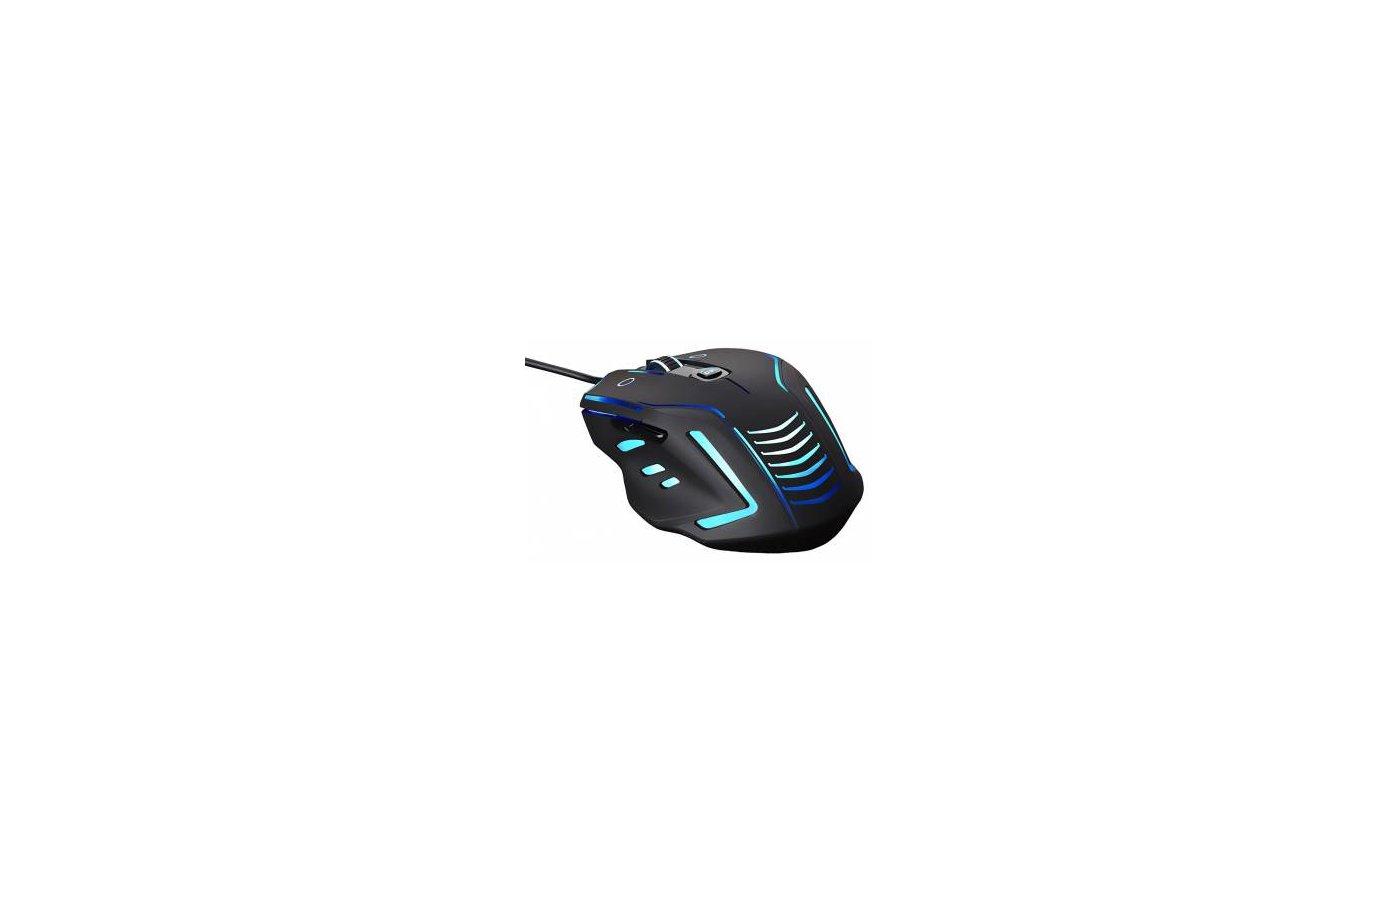 Мышь проводная Oklick 735G INTERCEPTOR черный/голубой оптическая (2400dpi) USB игровая (6but)